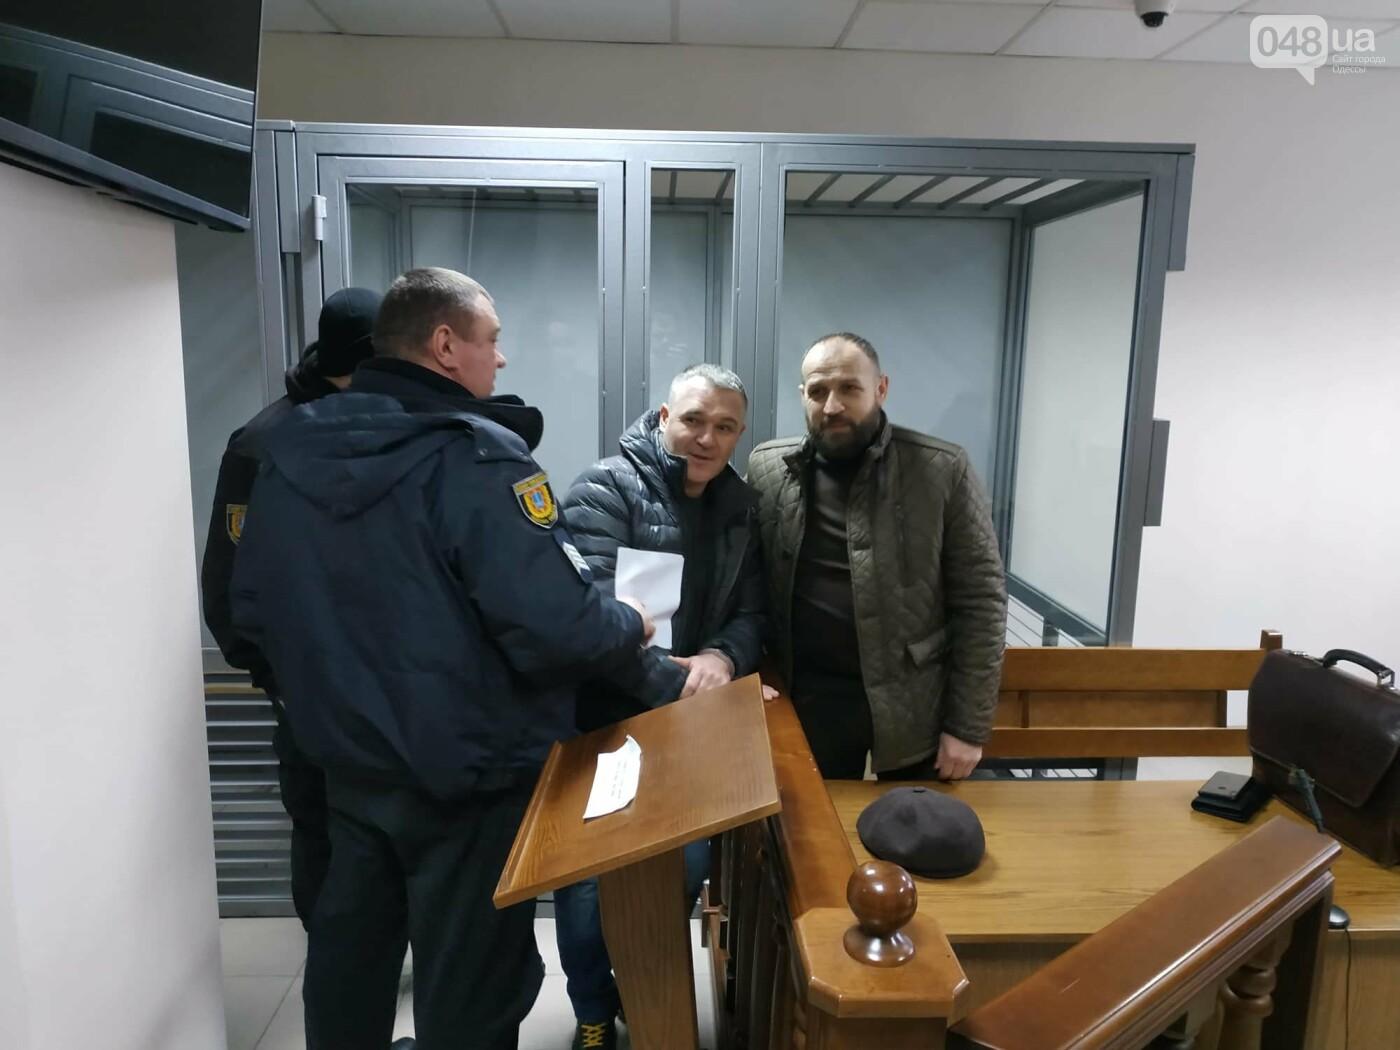 Процесс по делу одесского экс-милиционера, обвиняемого в изнасиловании, затягивается , фото-1